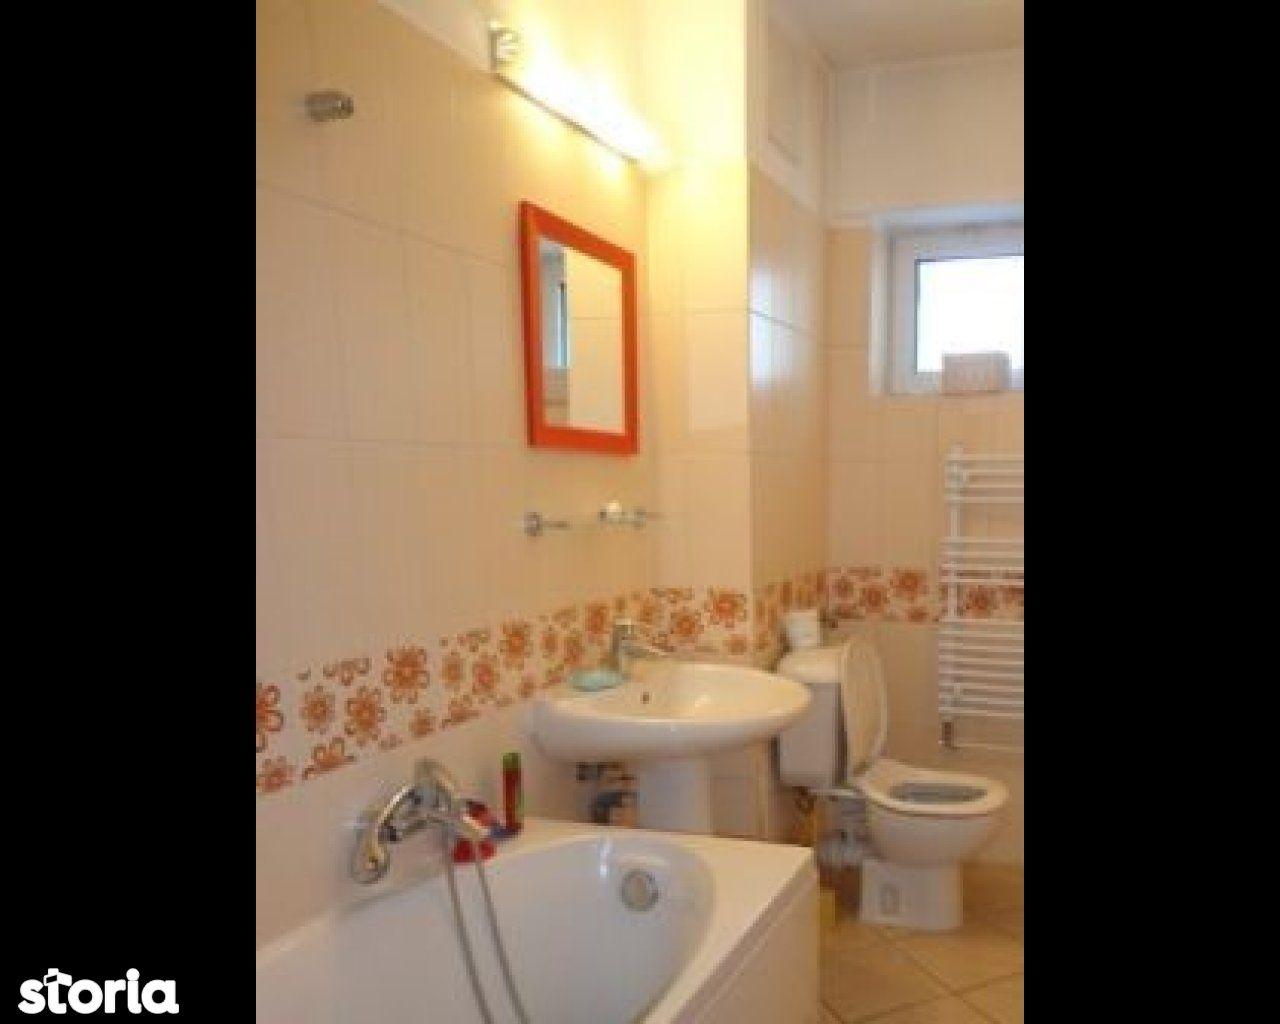 Apartament de vanzare, București (judet), Calea Victoriei - Foto 9